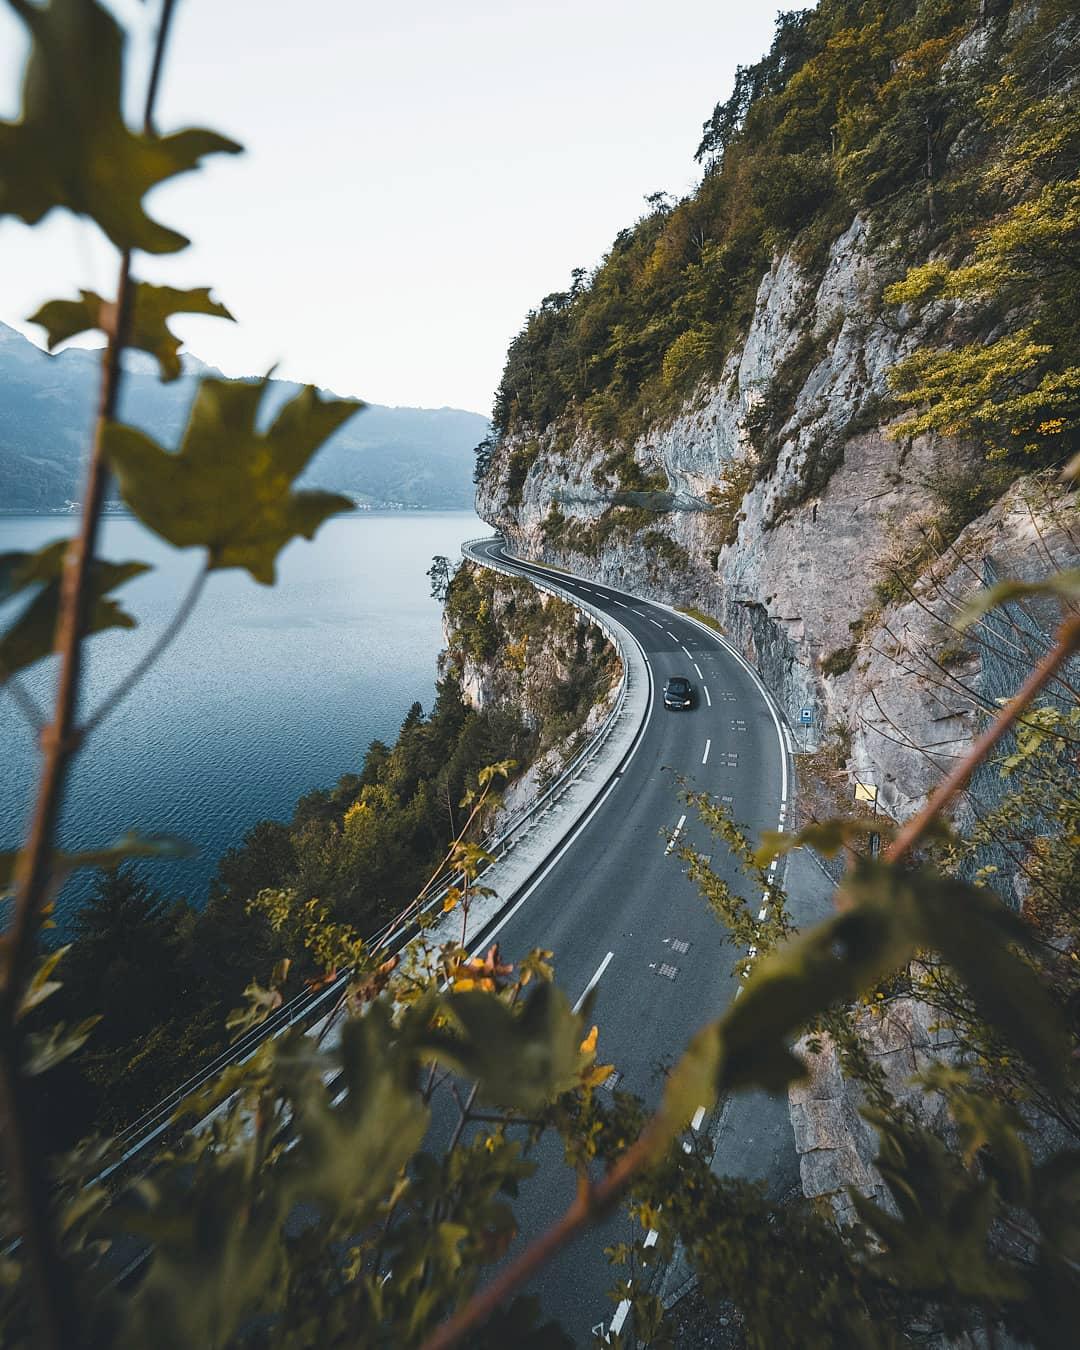 Природа и путешествия на снимках Томаса Джуенманна